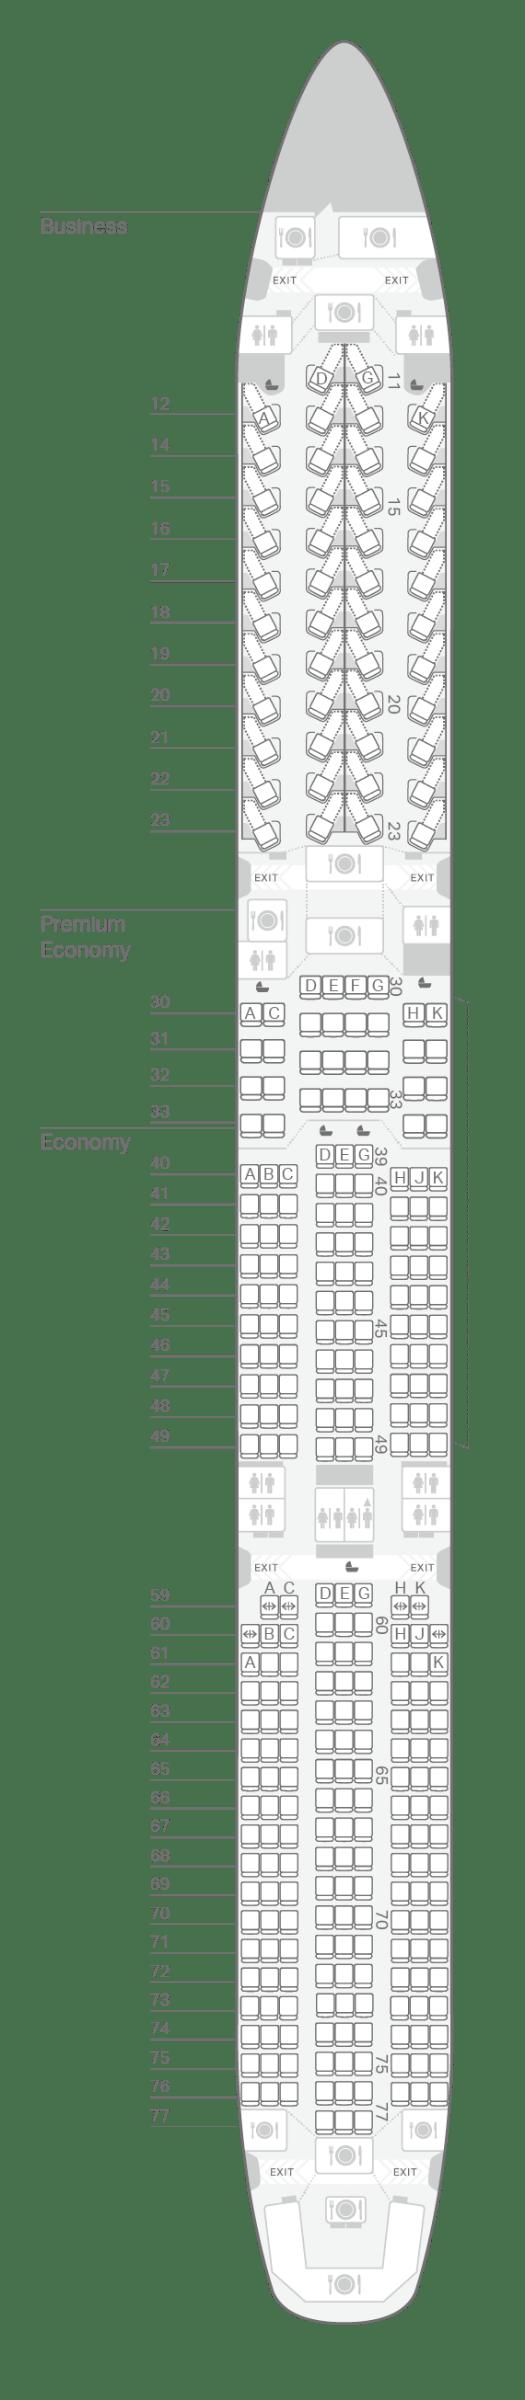 Airbus A350-1000 seating plan